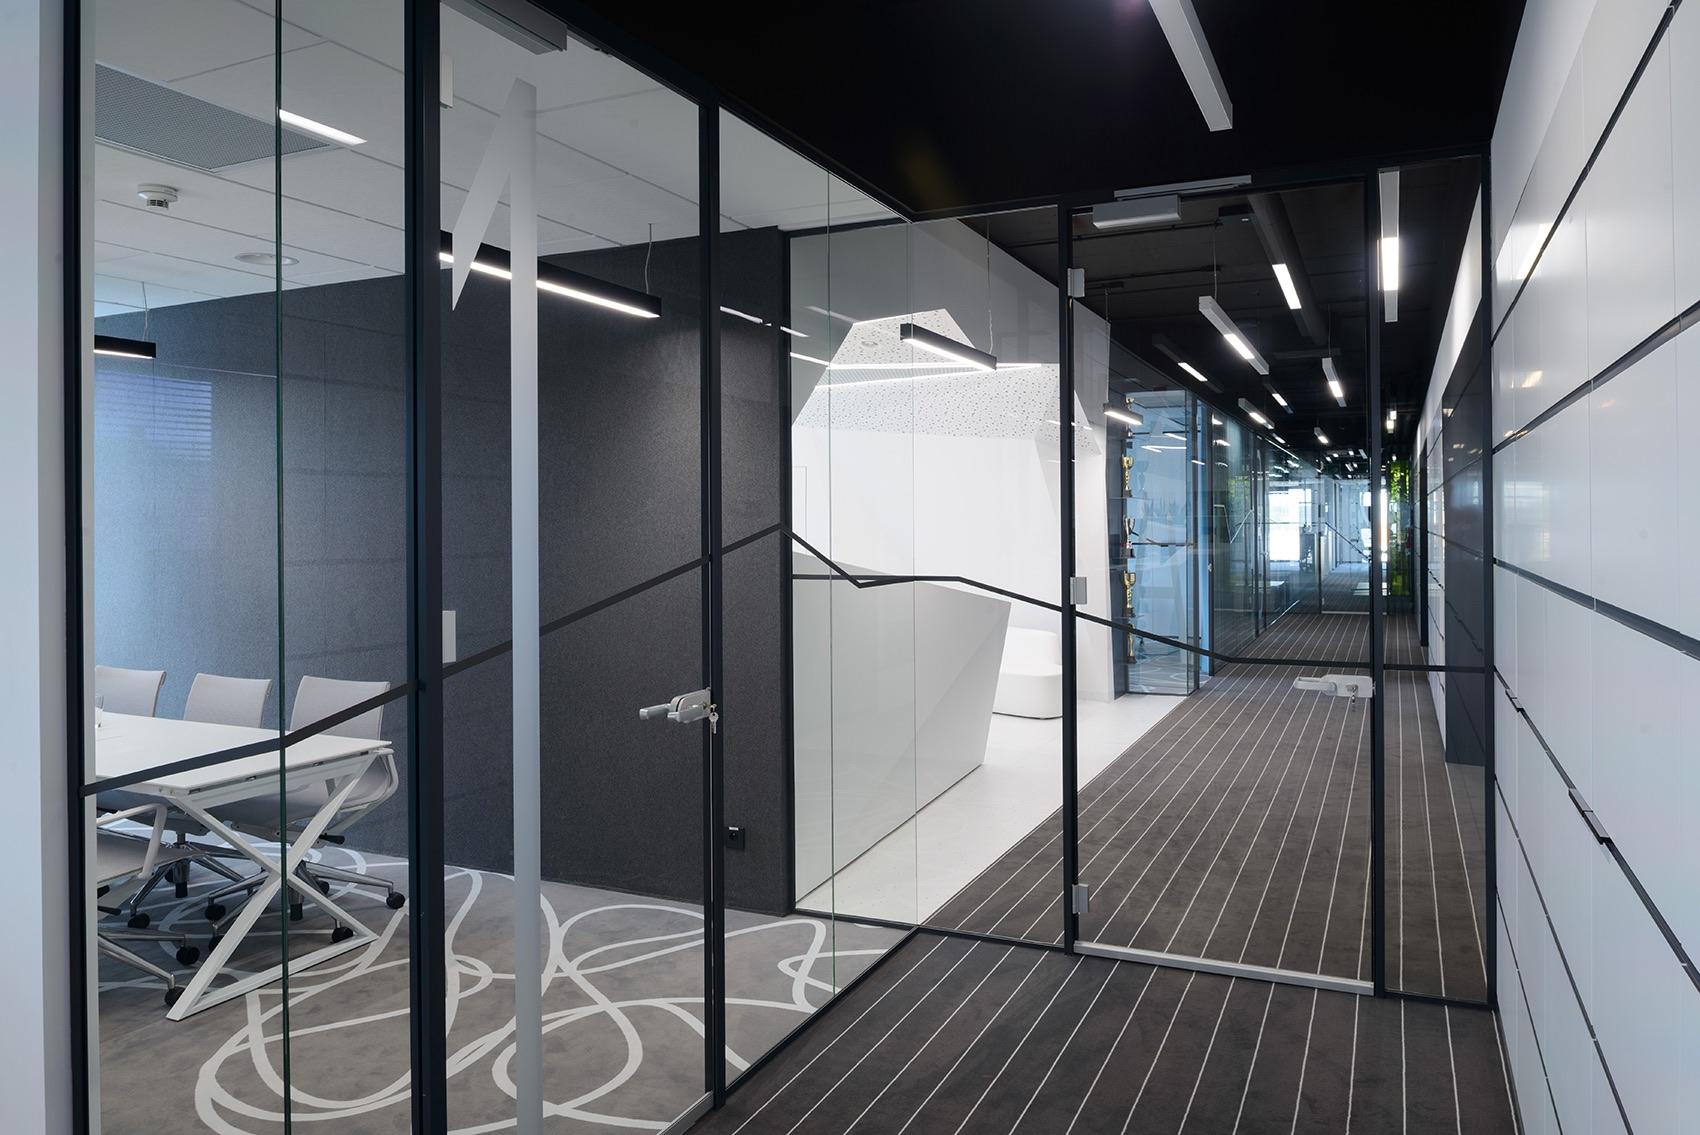 kpmg-katowice-office-6